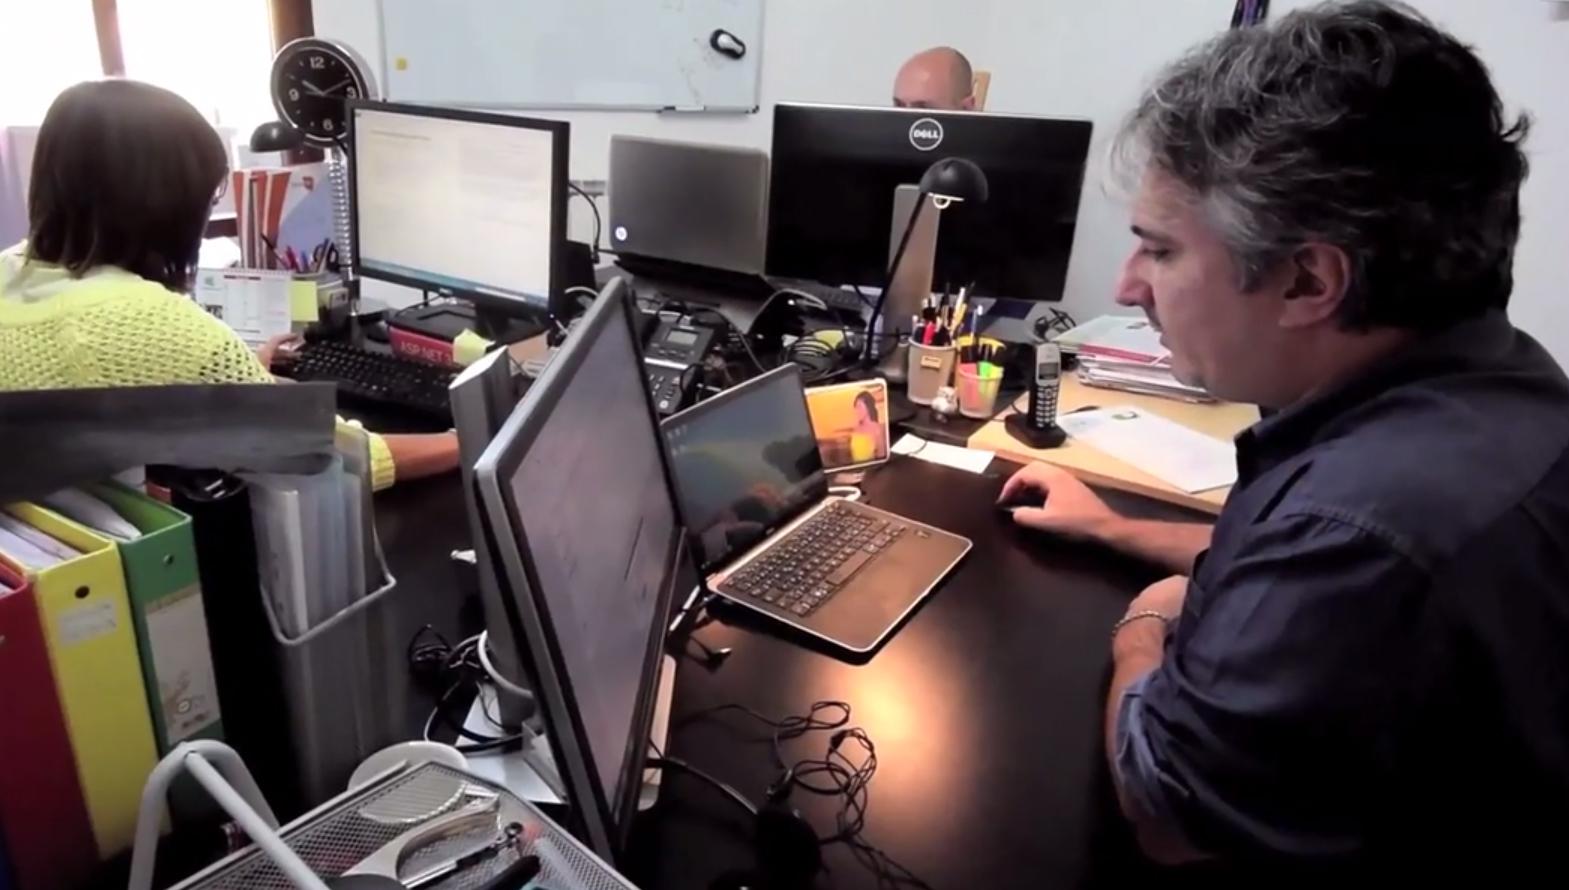 teamdev office